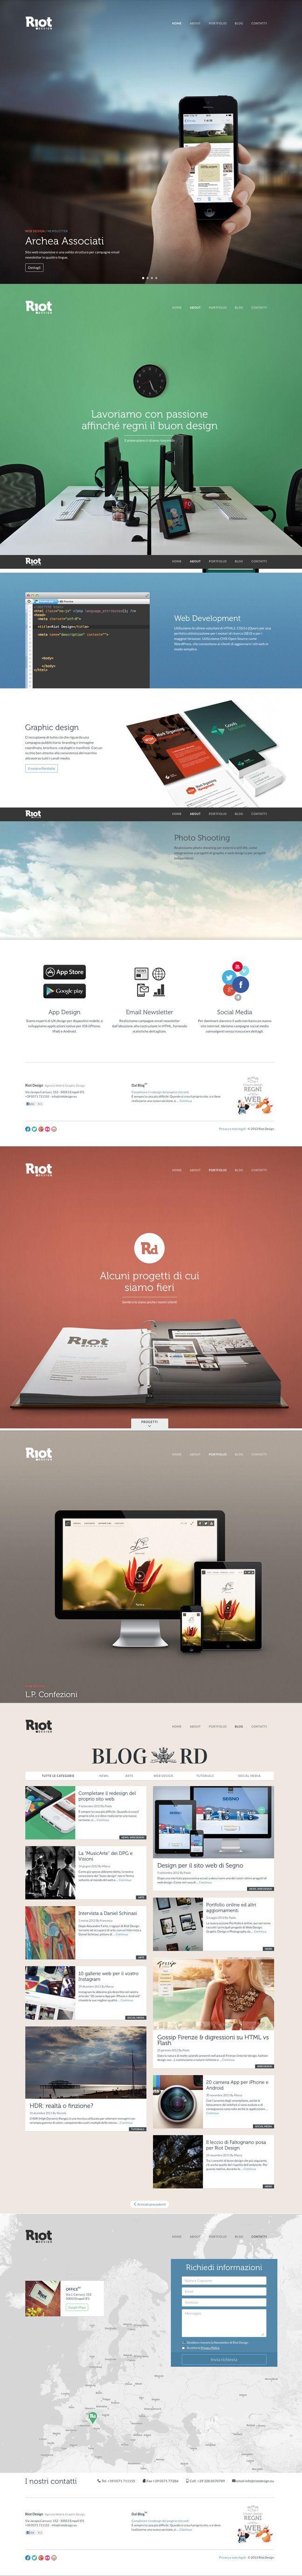 Riot design